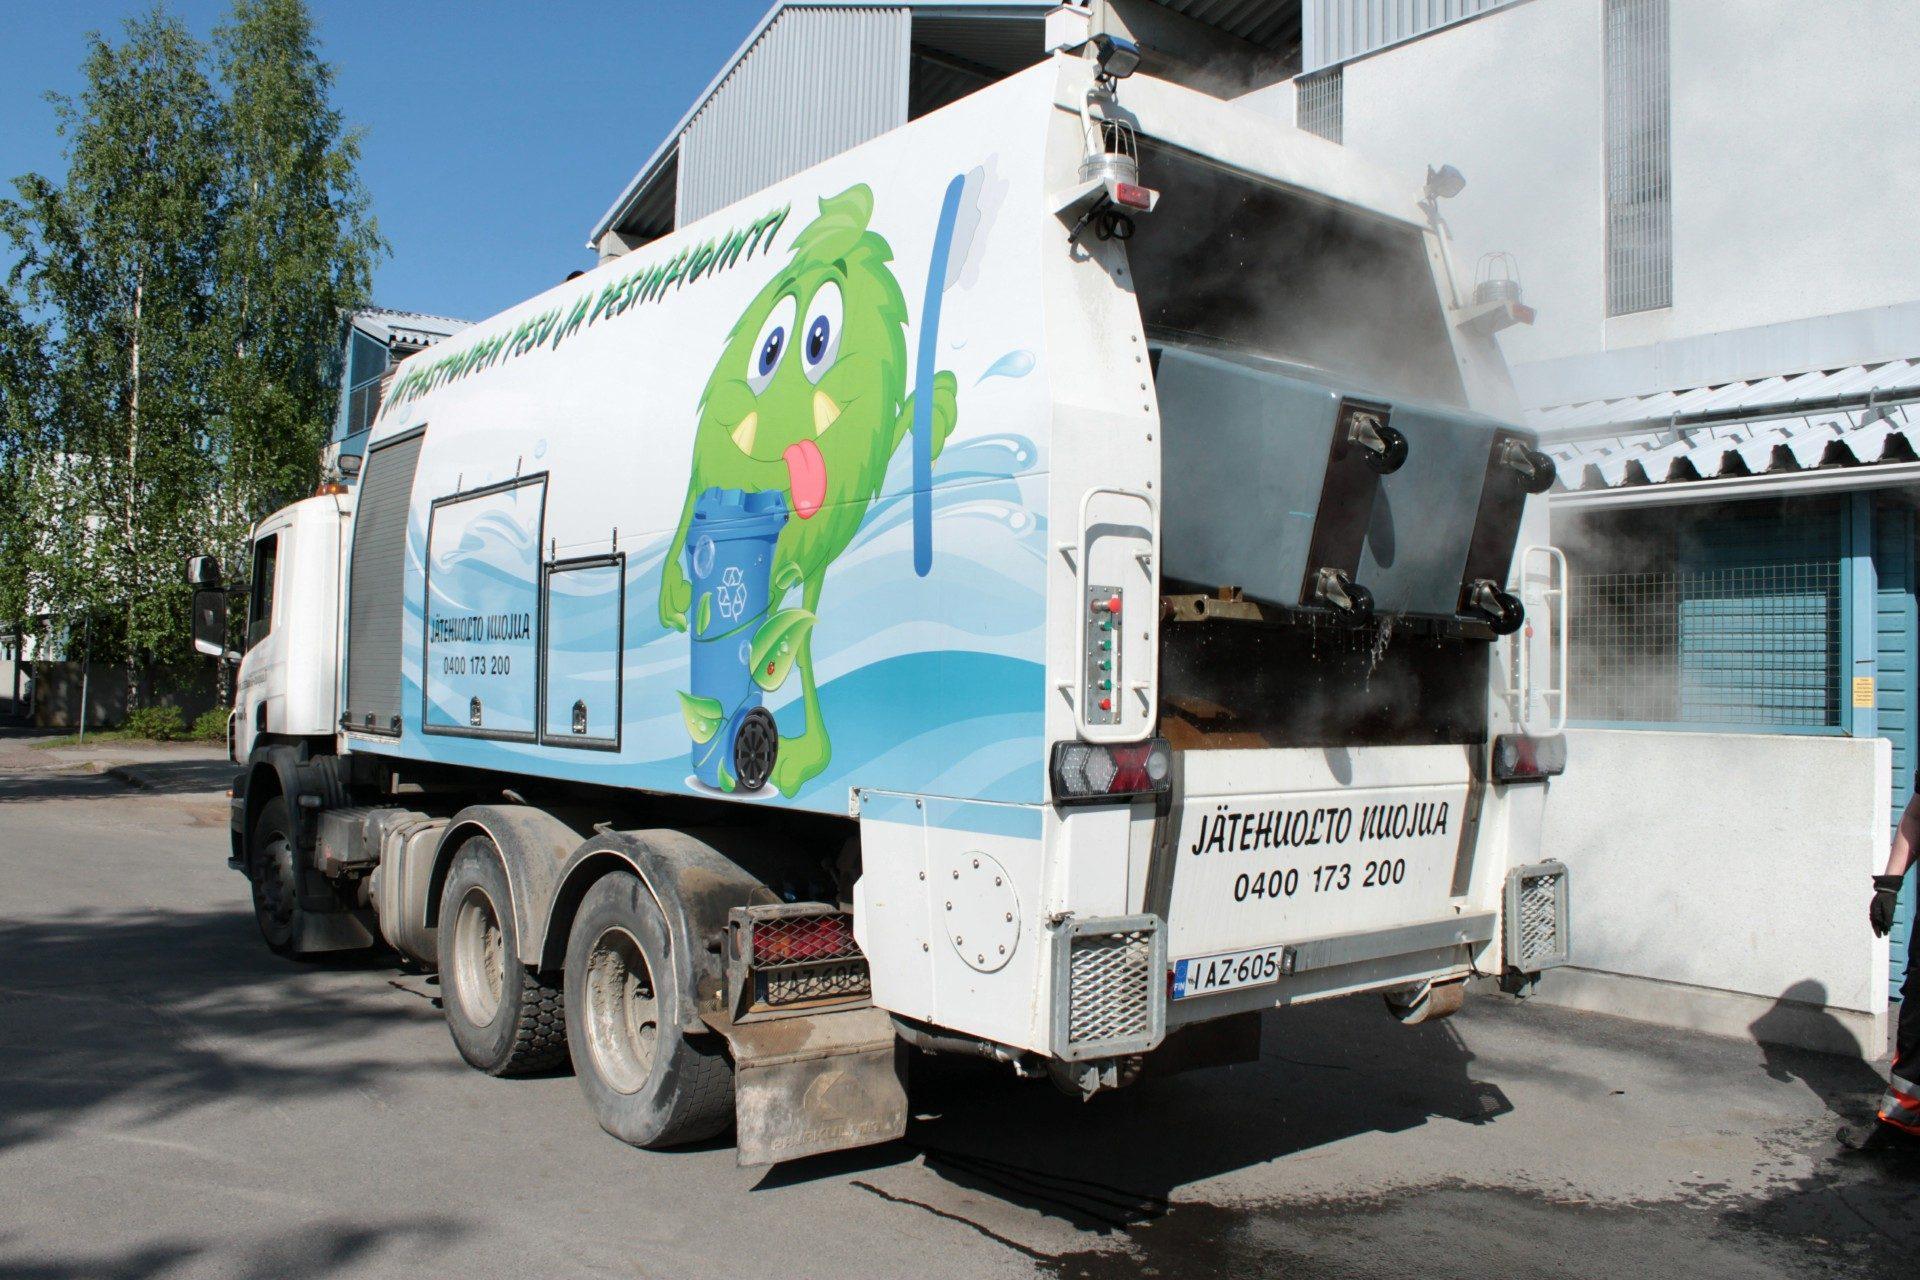 Jäteastioiden pesu- ja desinfiontipalvelut